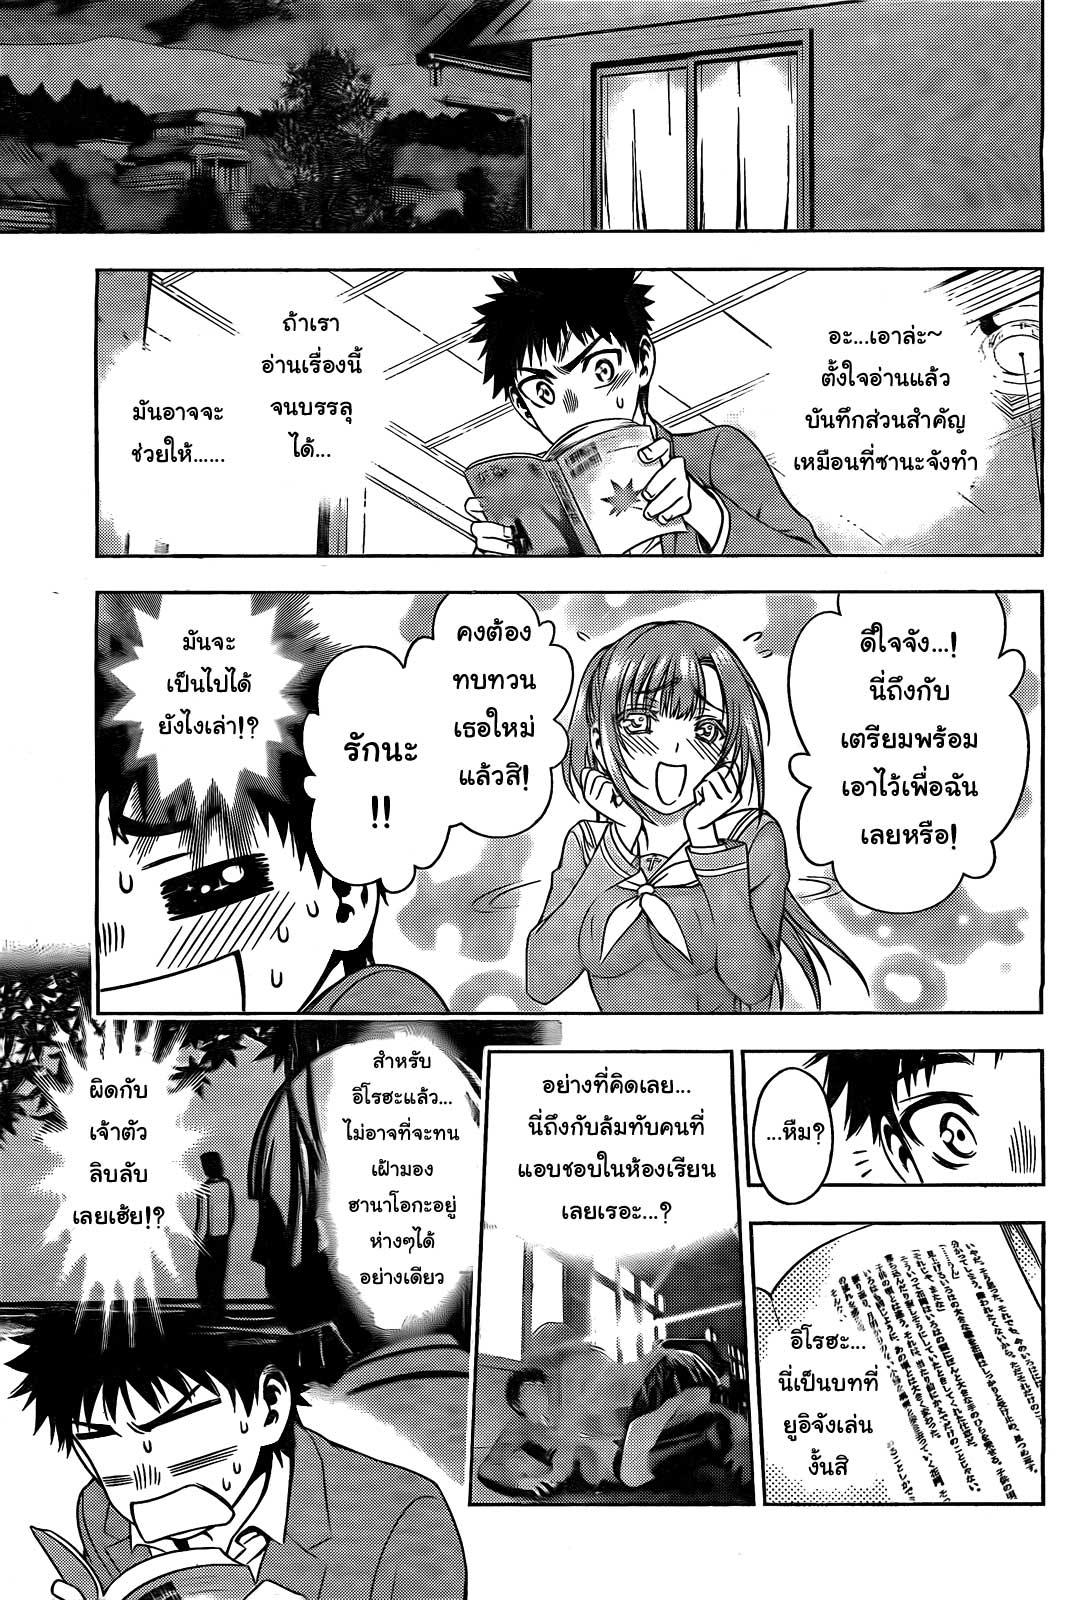 อ่านการ์ตูน Koisome Momiji 6 ภาพที่ 11